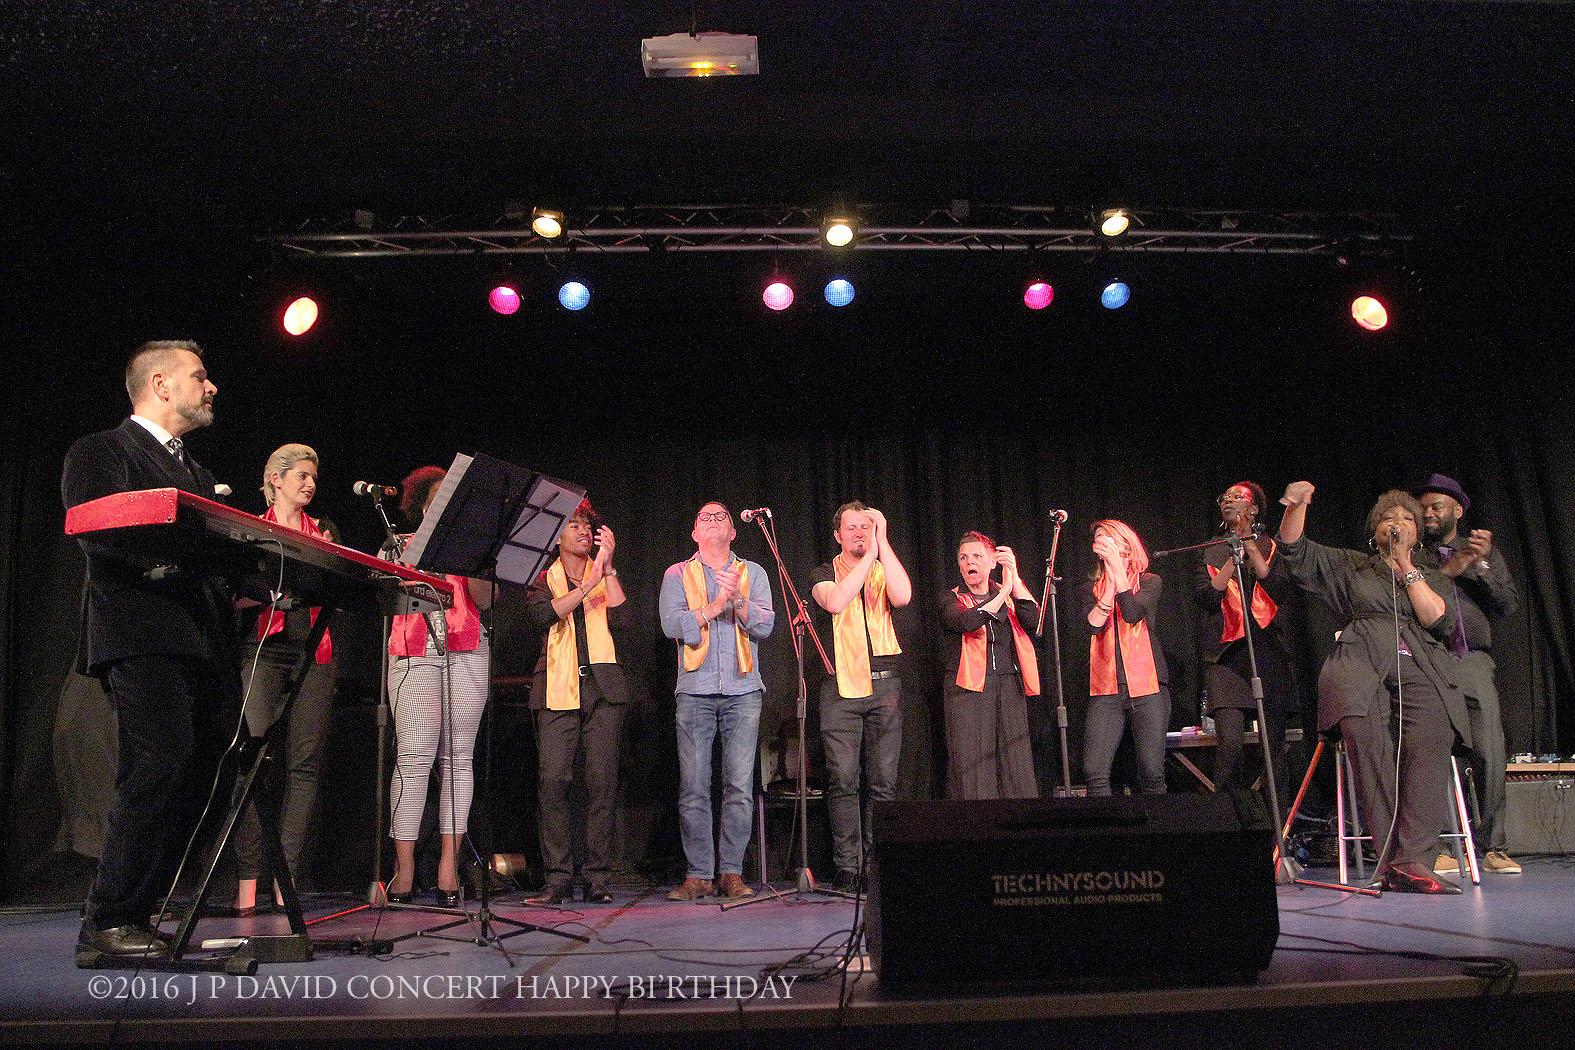 vue d'ensemble Joann Picckens et l'archange Gospel ©2016 J P David Concert Happy BI'rthday- 19_05 centre Mathis Paris 19ème ©2016 J P DAVID CONCERT HAP